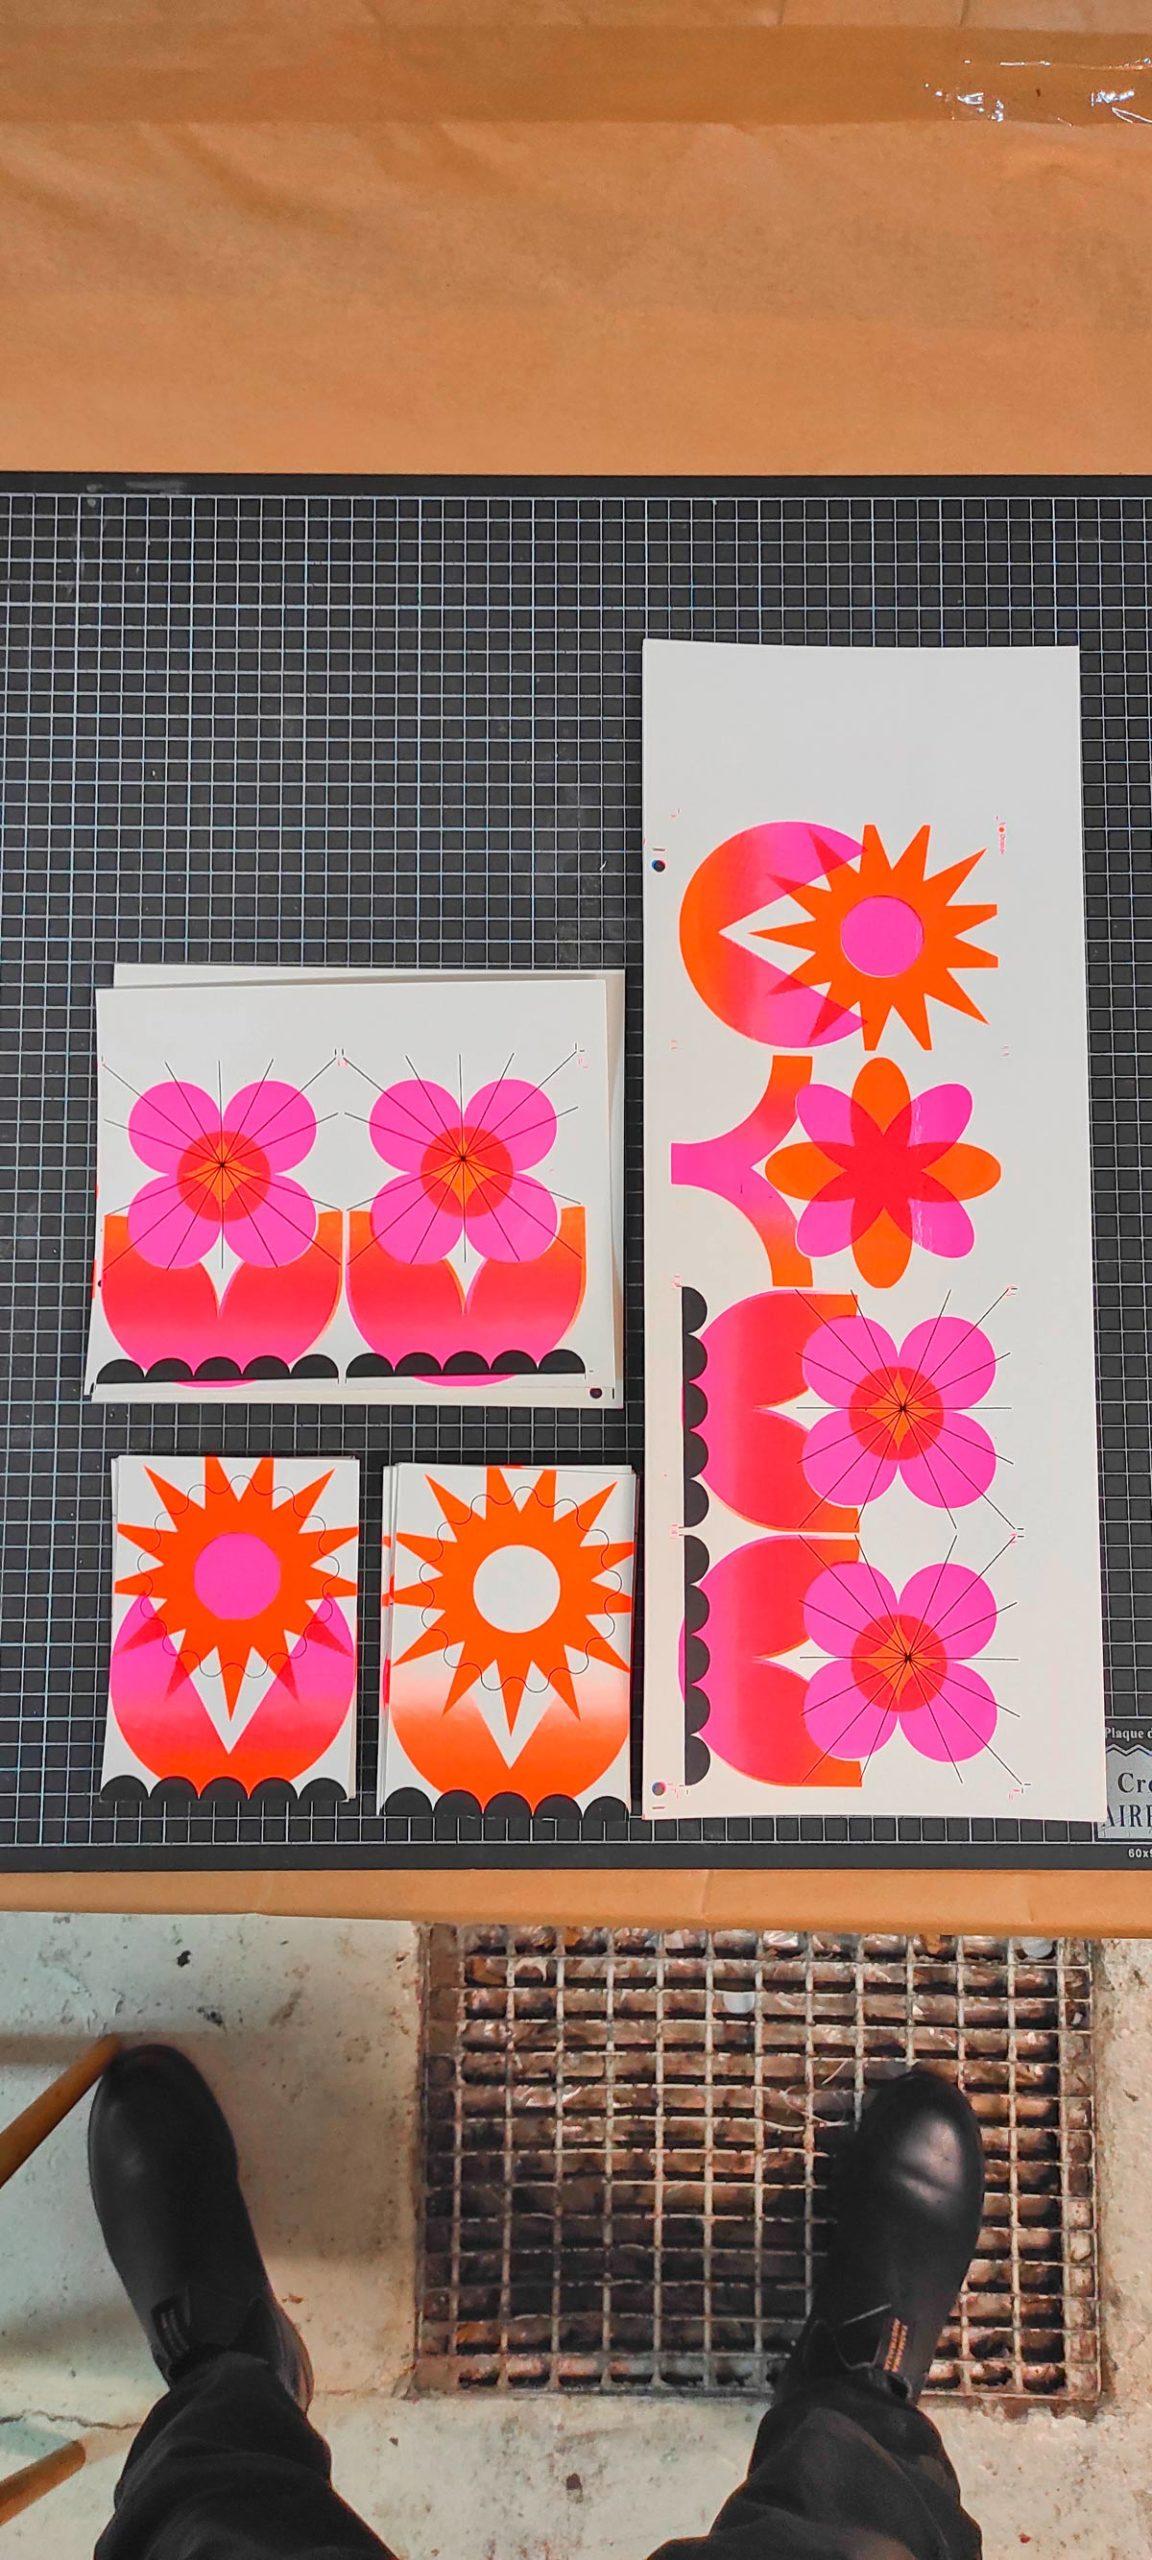 vlad-boyko-kwiaciarnia-grafiki-serigrafia